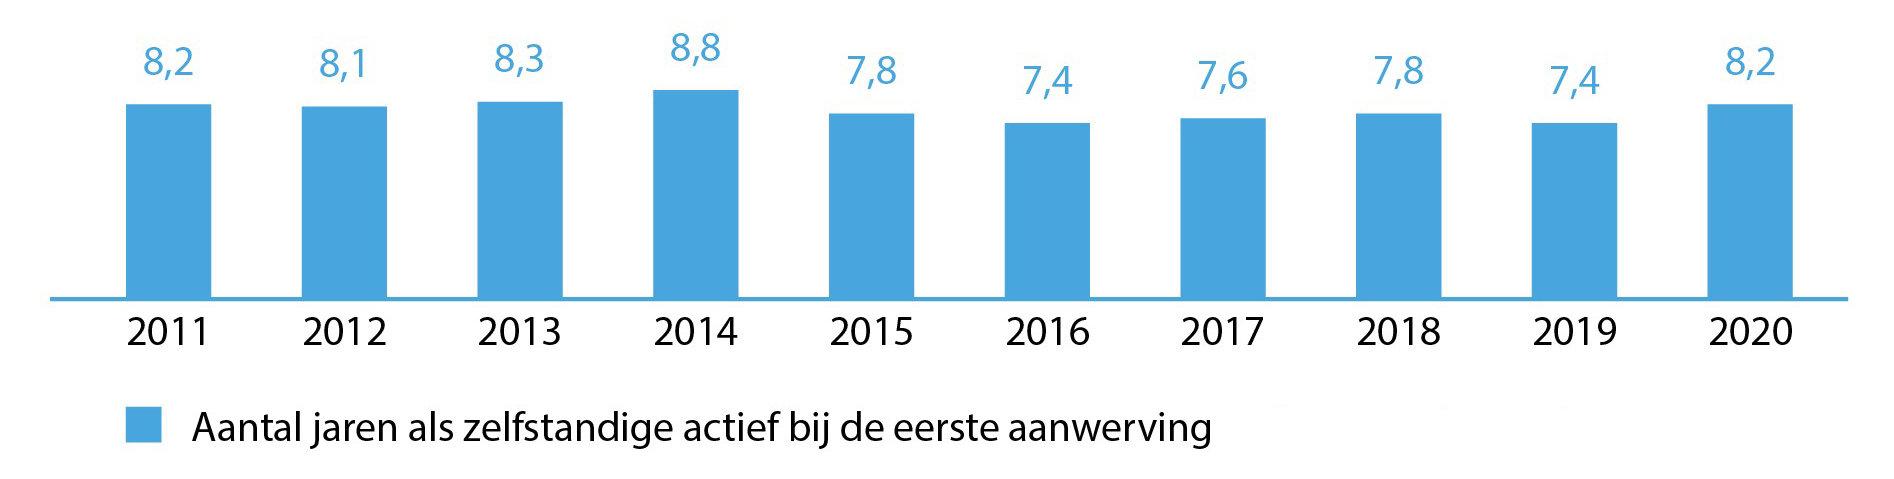 Hoelang is de zelfstandige al actief bij de eerste aanwerving, cijfers voor de voorbije 10 jaar